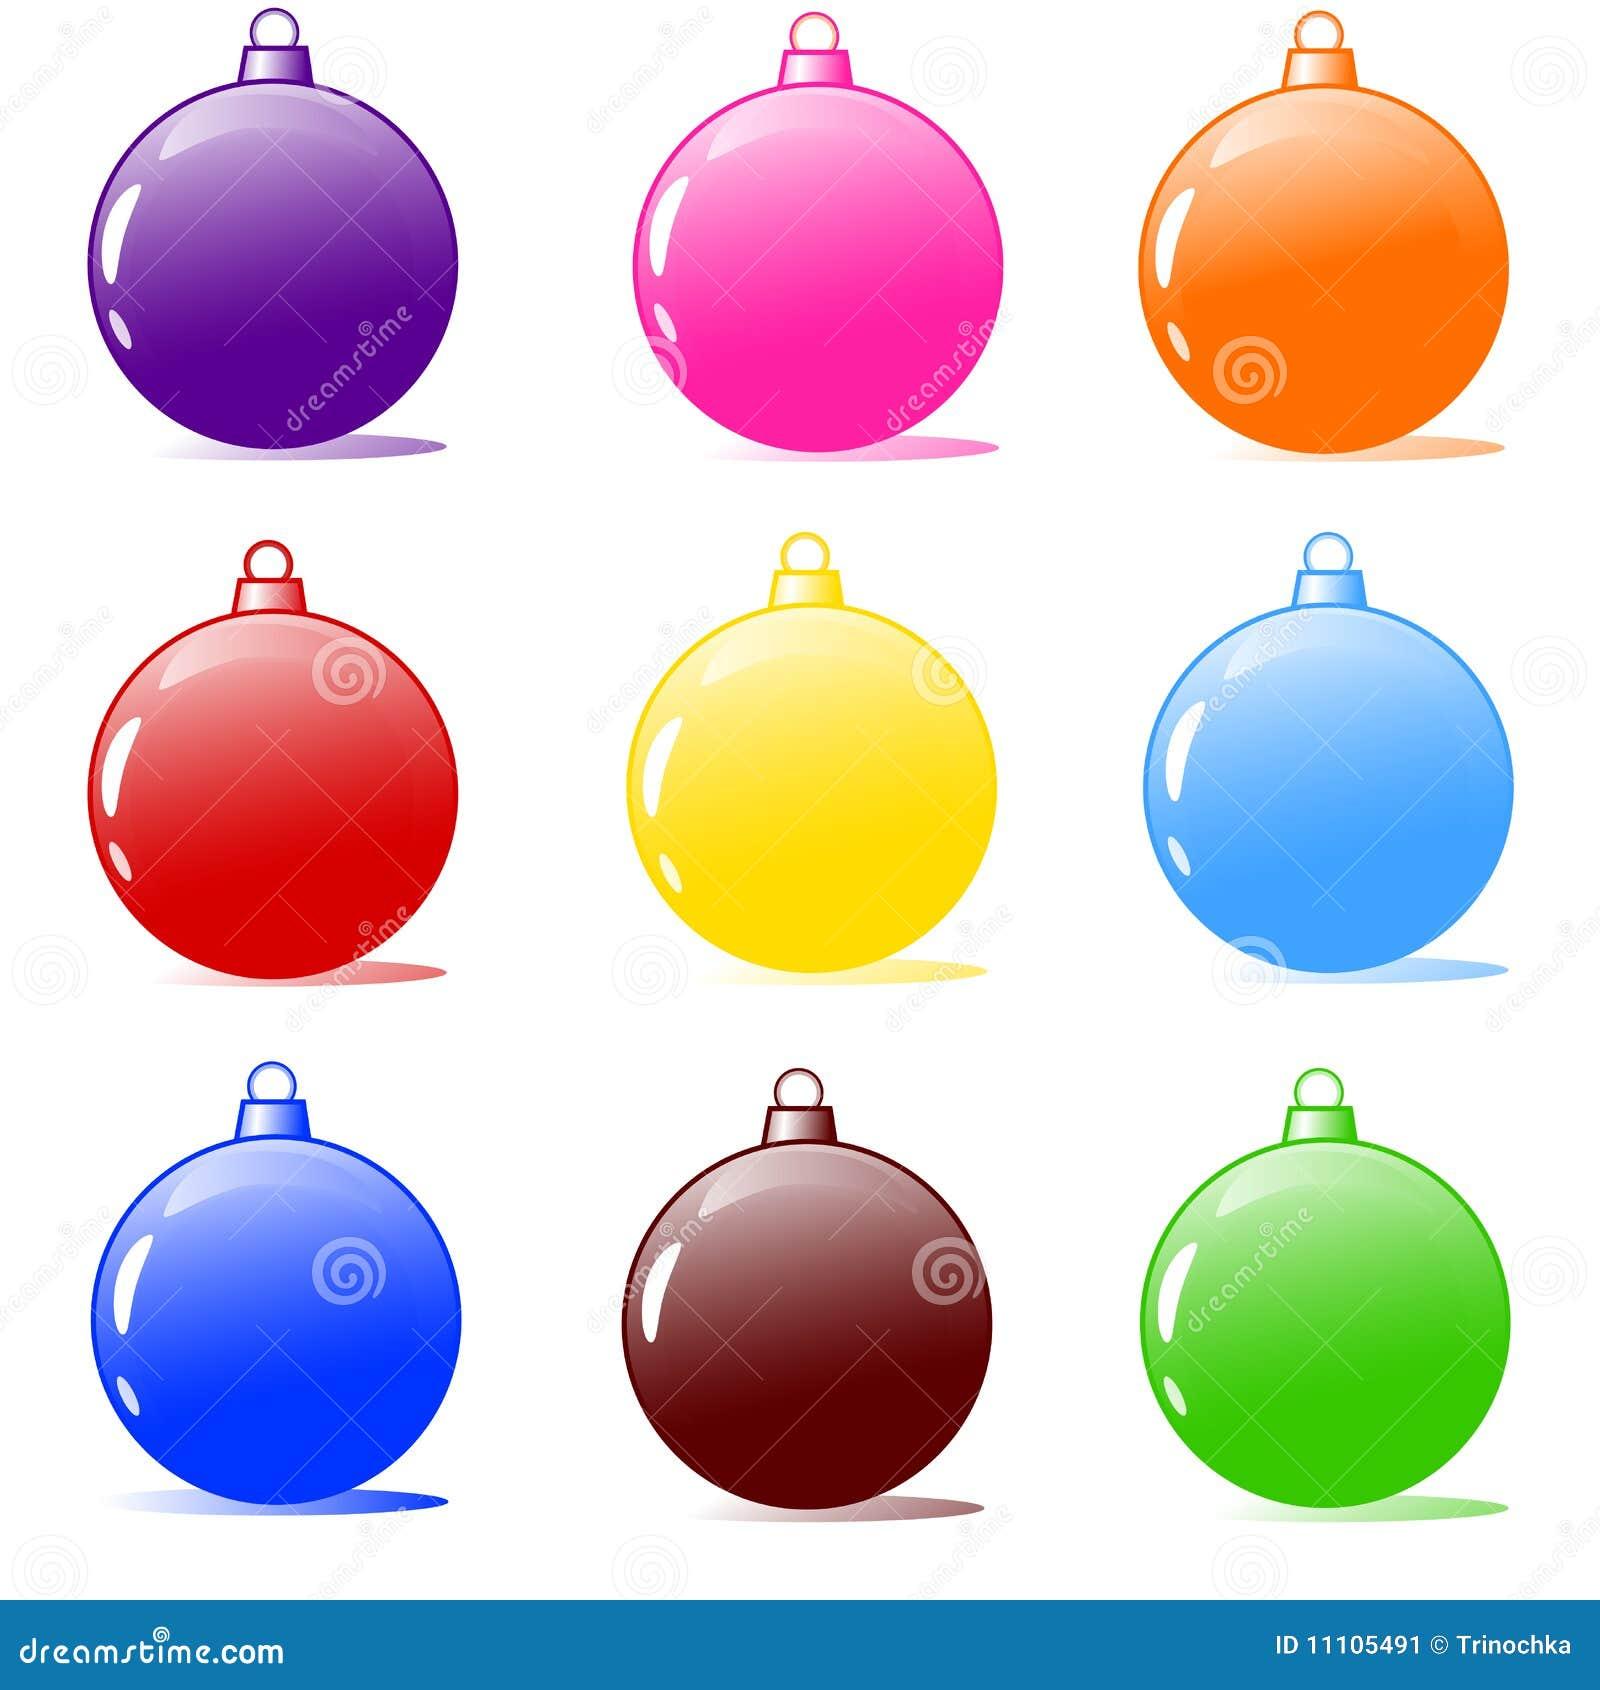 christmas illustration - Christmas Tree Bulbs